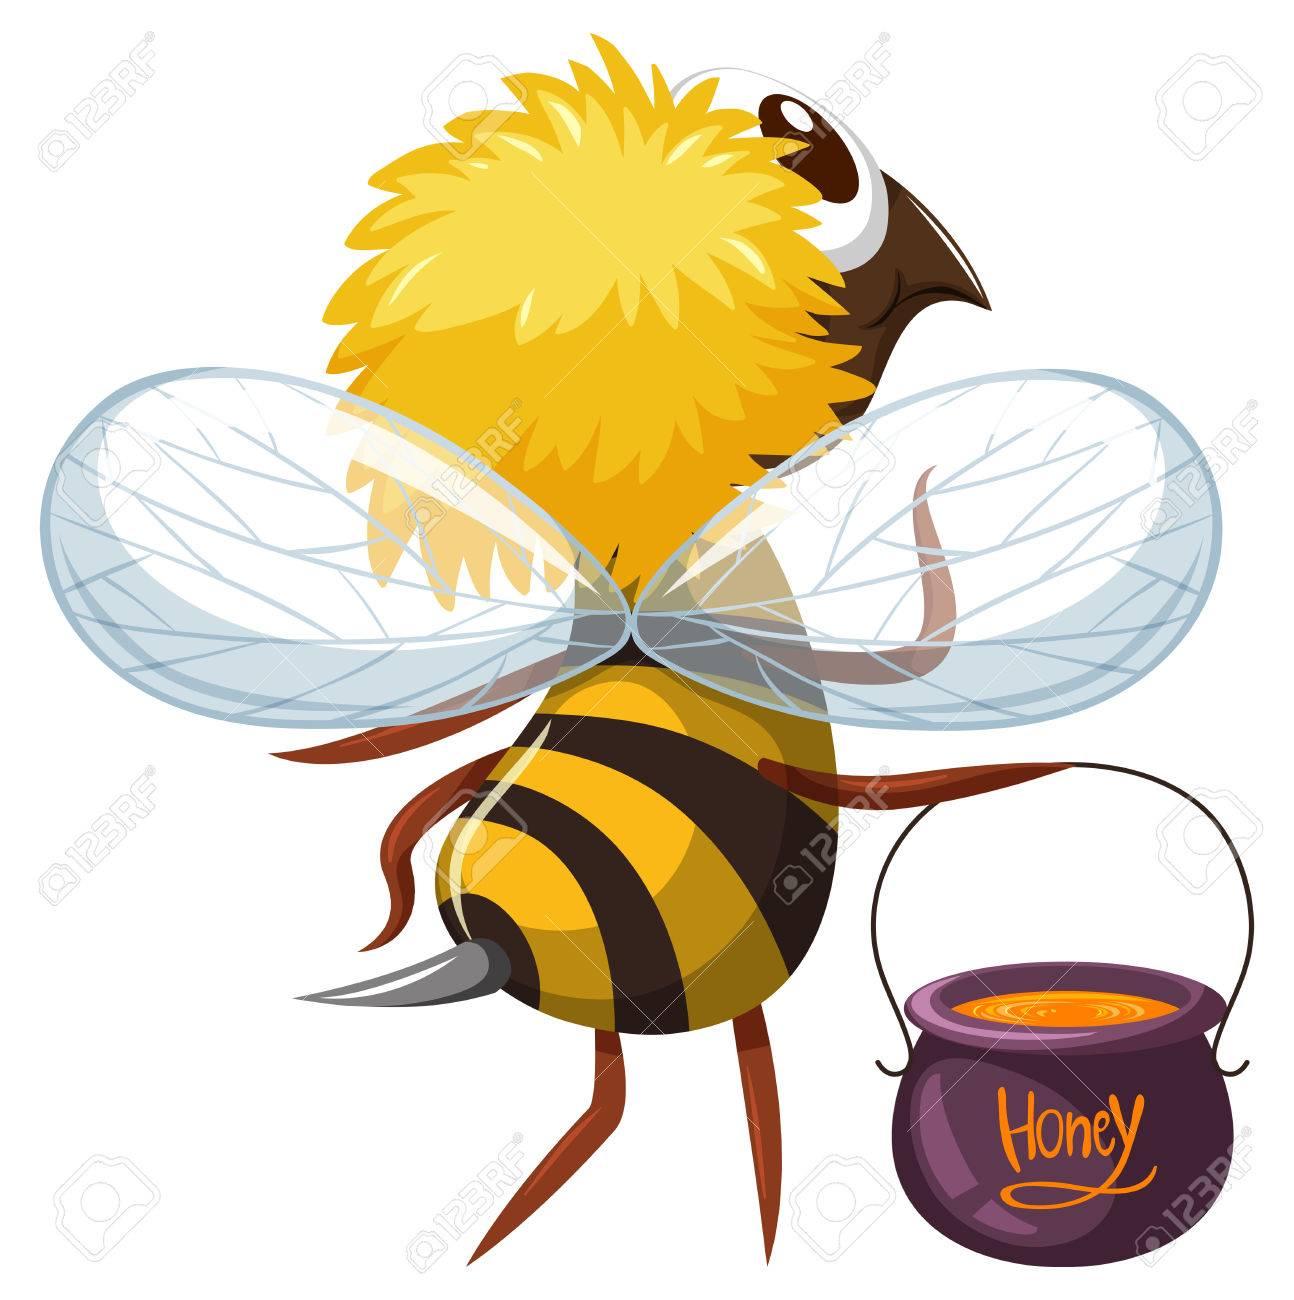 蜂蜂蜜イラストのポットで飛んでのイラスト素材ベクタ Image 71261015